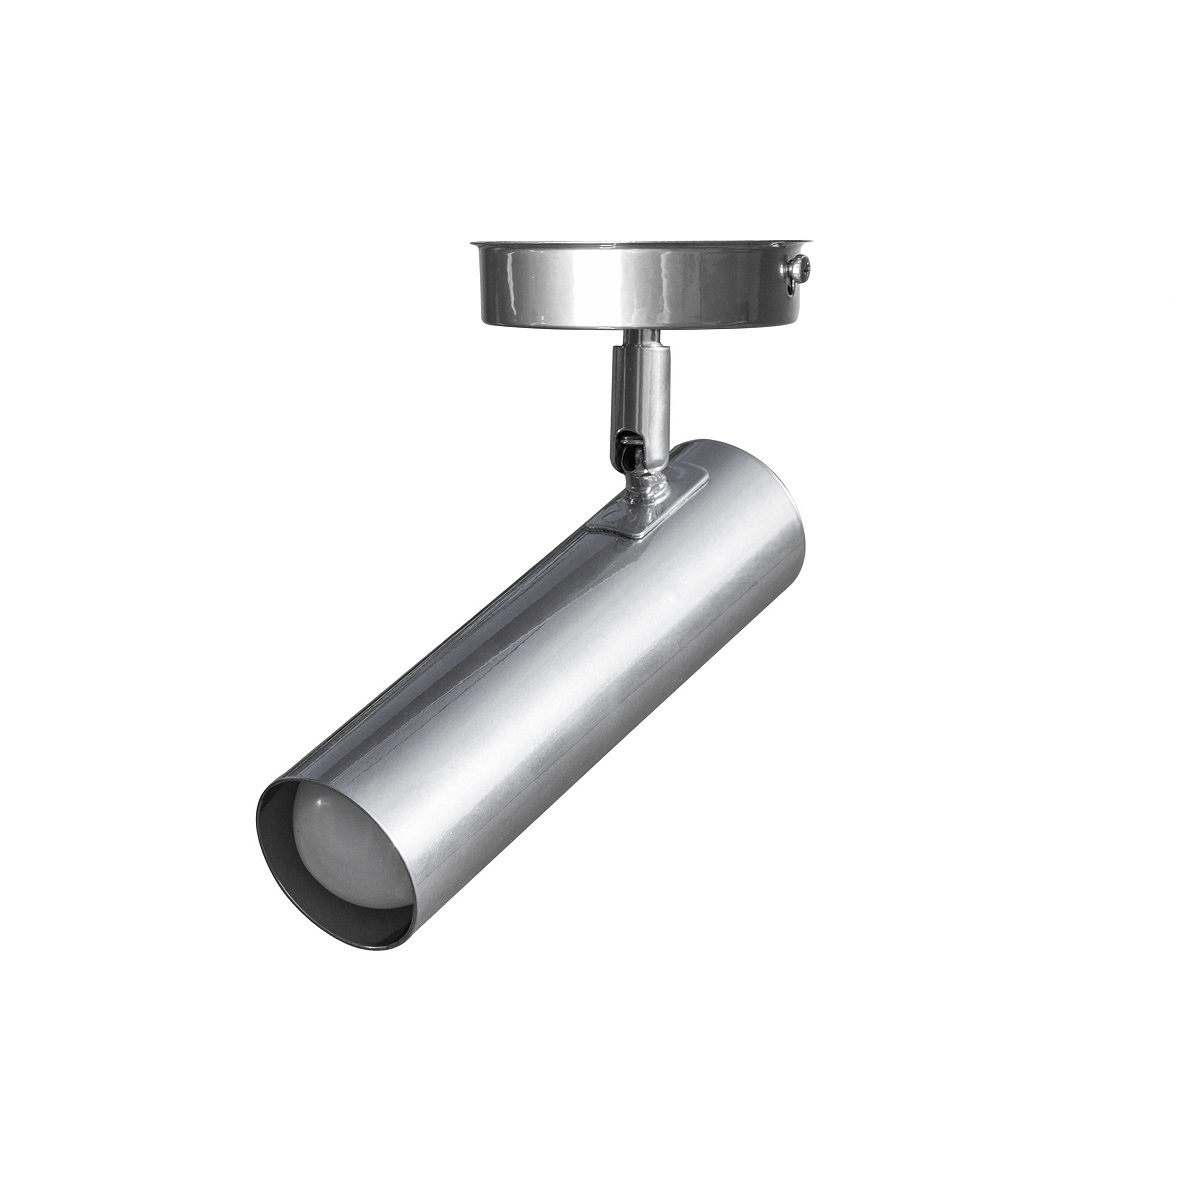 Светильники ЛОФТ - Люстра лофт потолочная с поворотным плафоном 000002797 - Фото 1